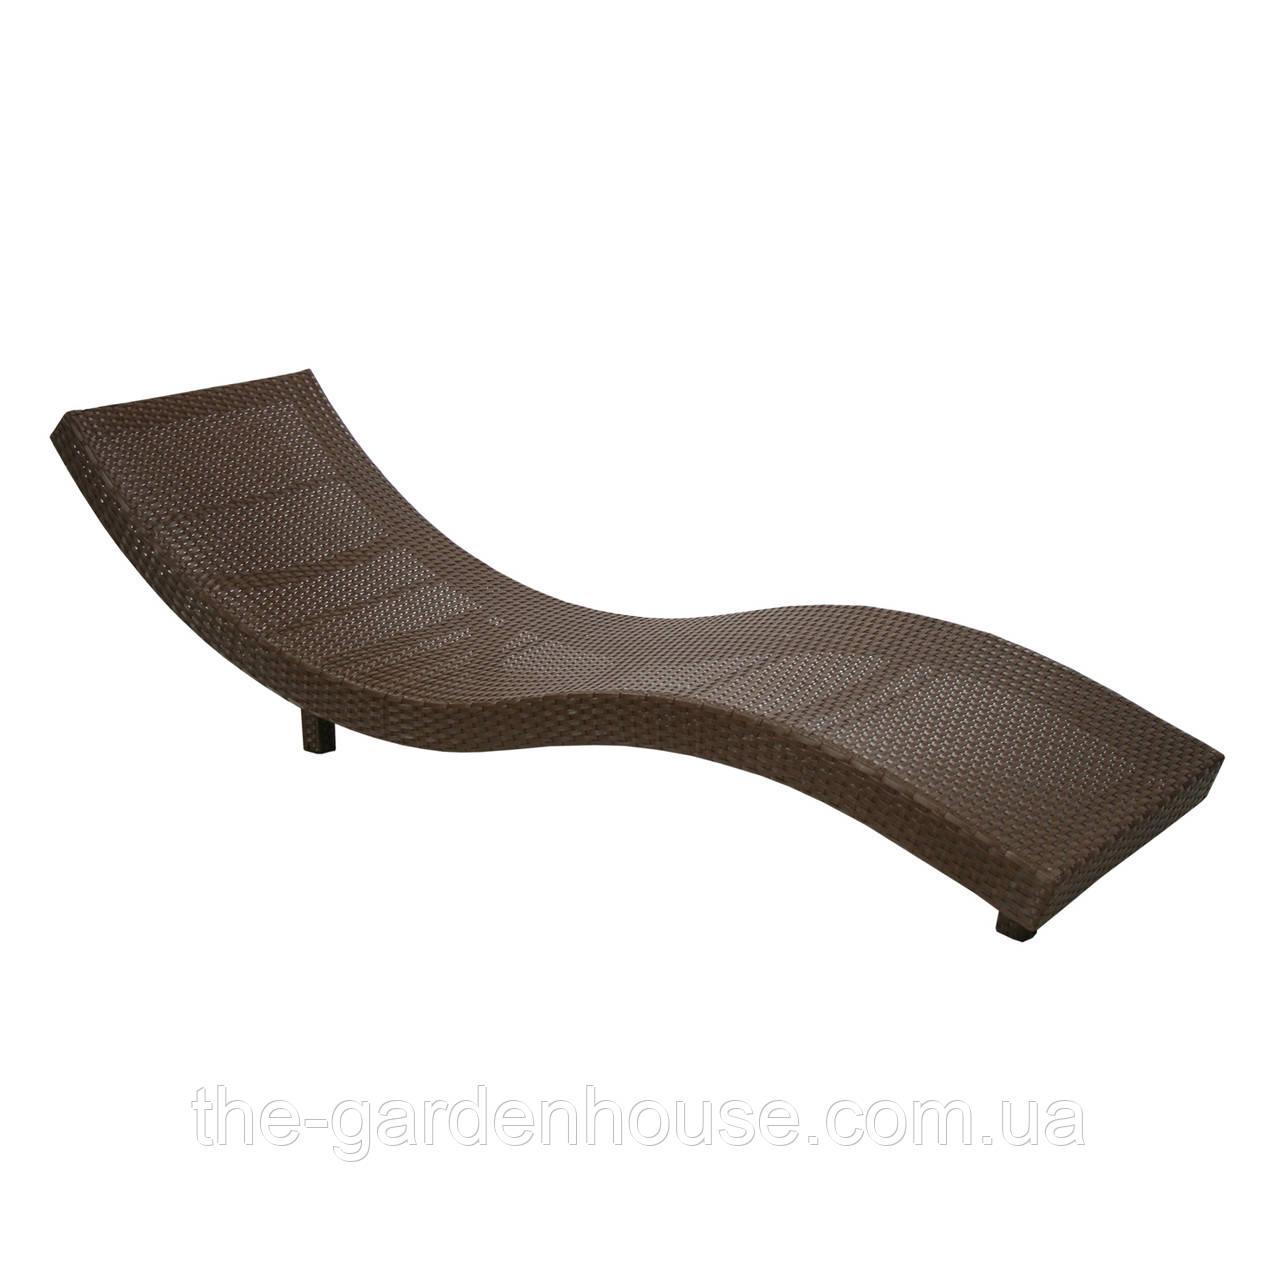 Лежак Wave из искусственного ротанга коричневый